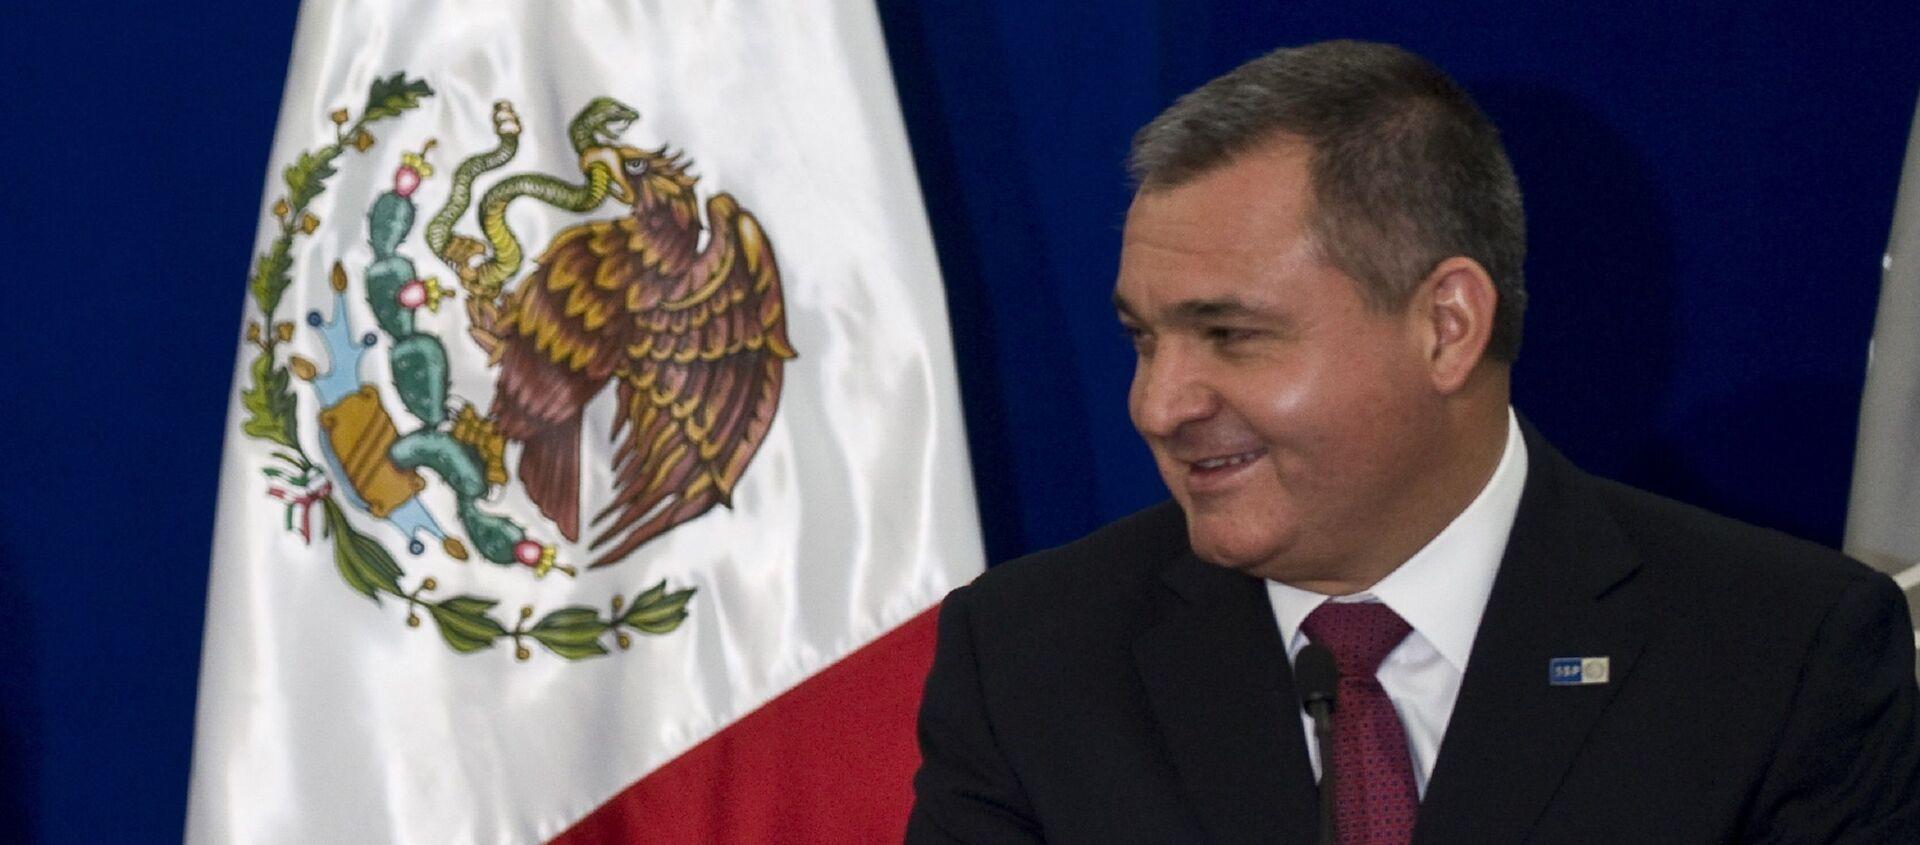 Genaro García Luna, exsecretario de Seguridad Pública de México - Sputnik Mundo, 1920, 07.12.2020